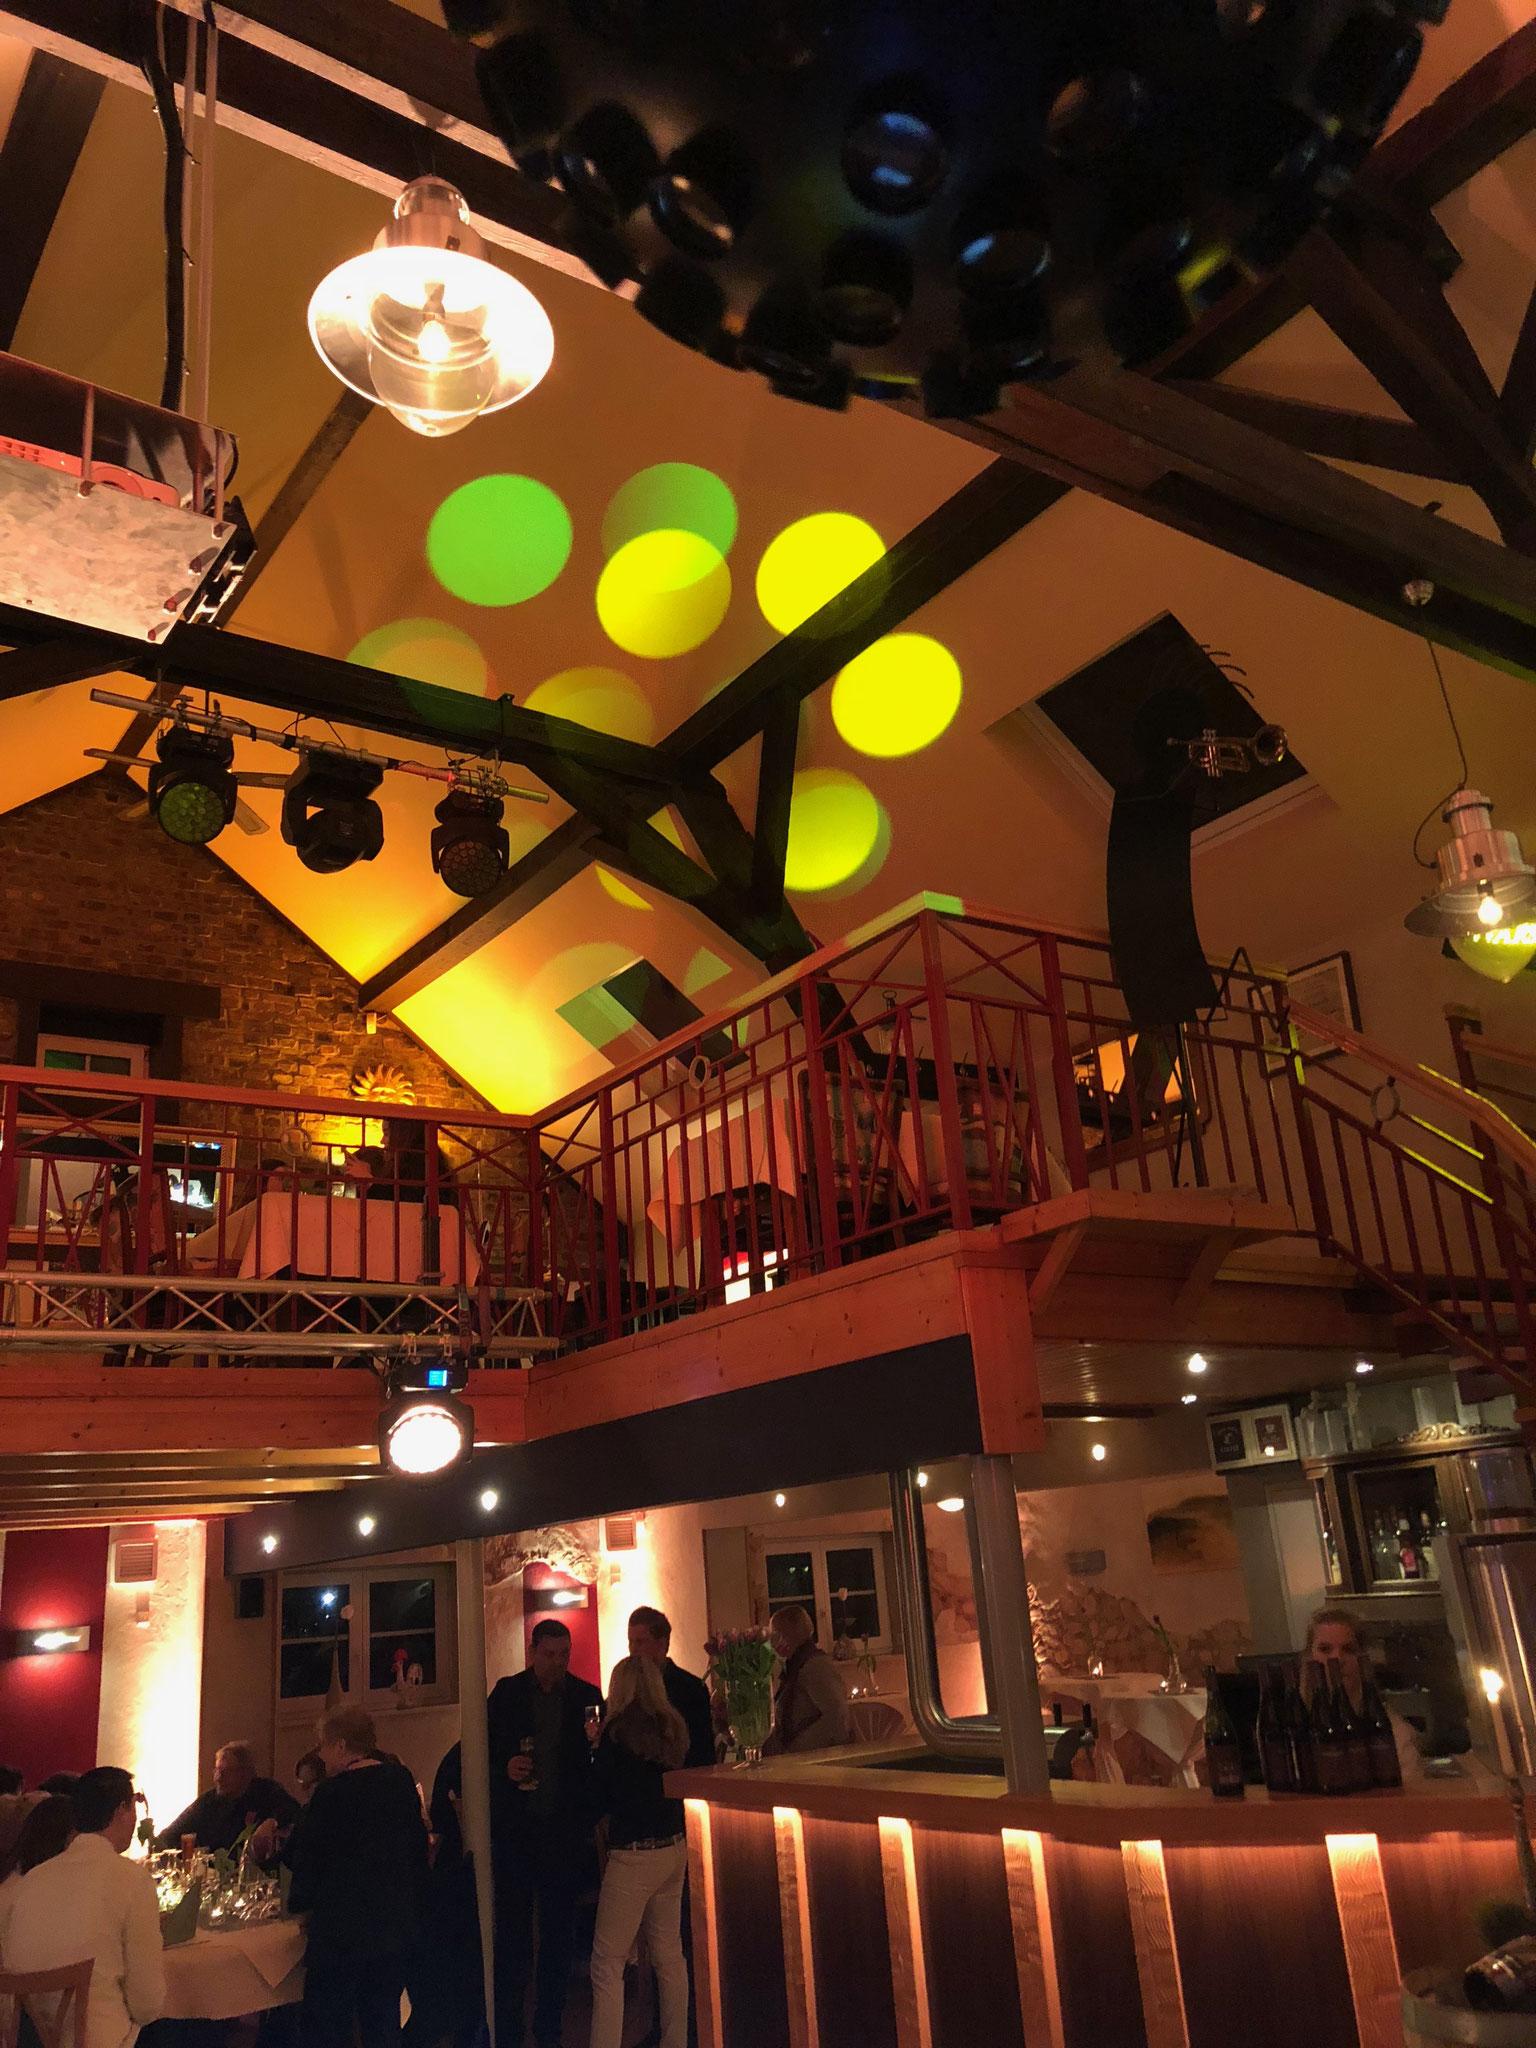 Gasthof Hagedorn - Haus an der Geinegge in Hamm